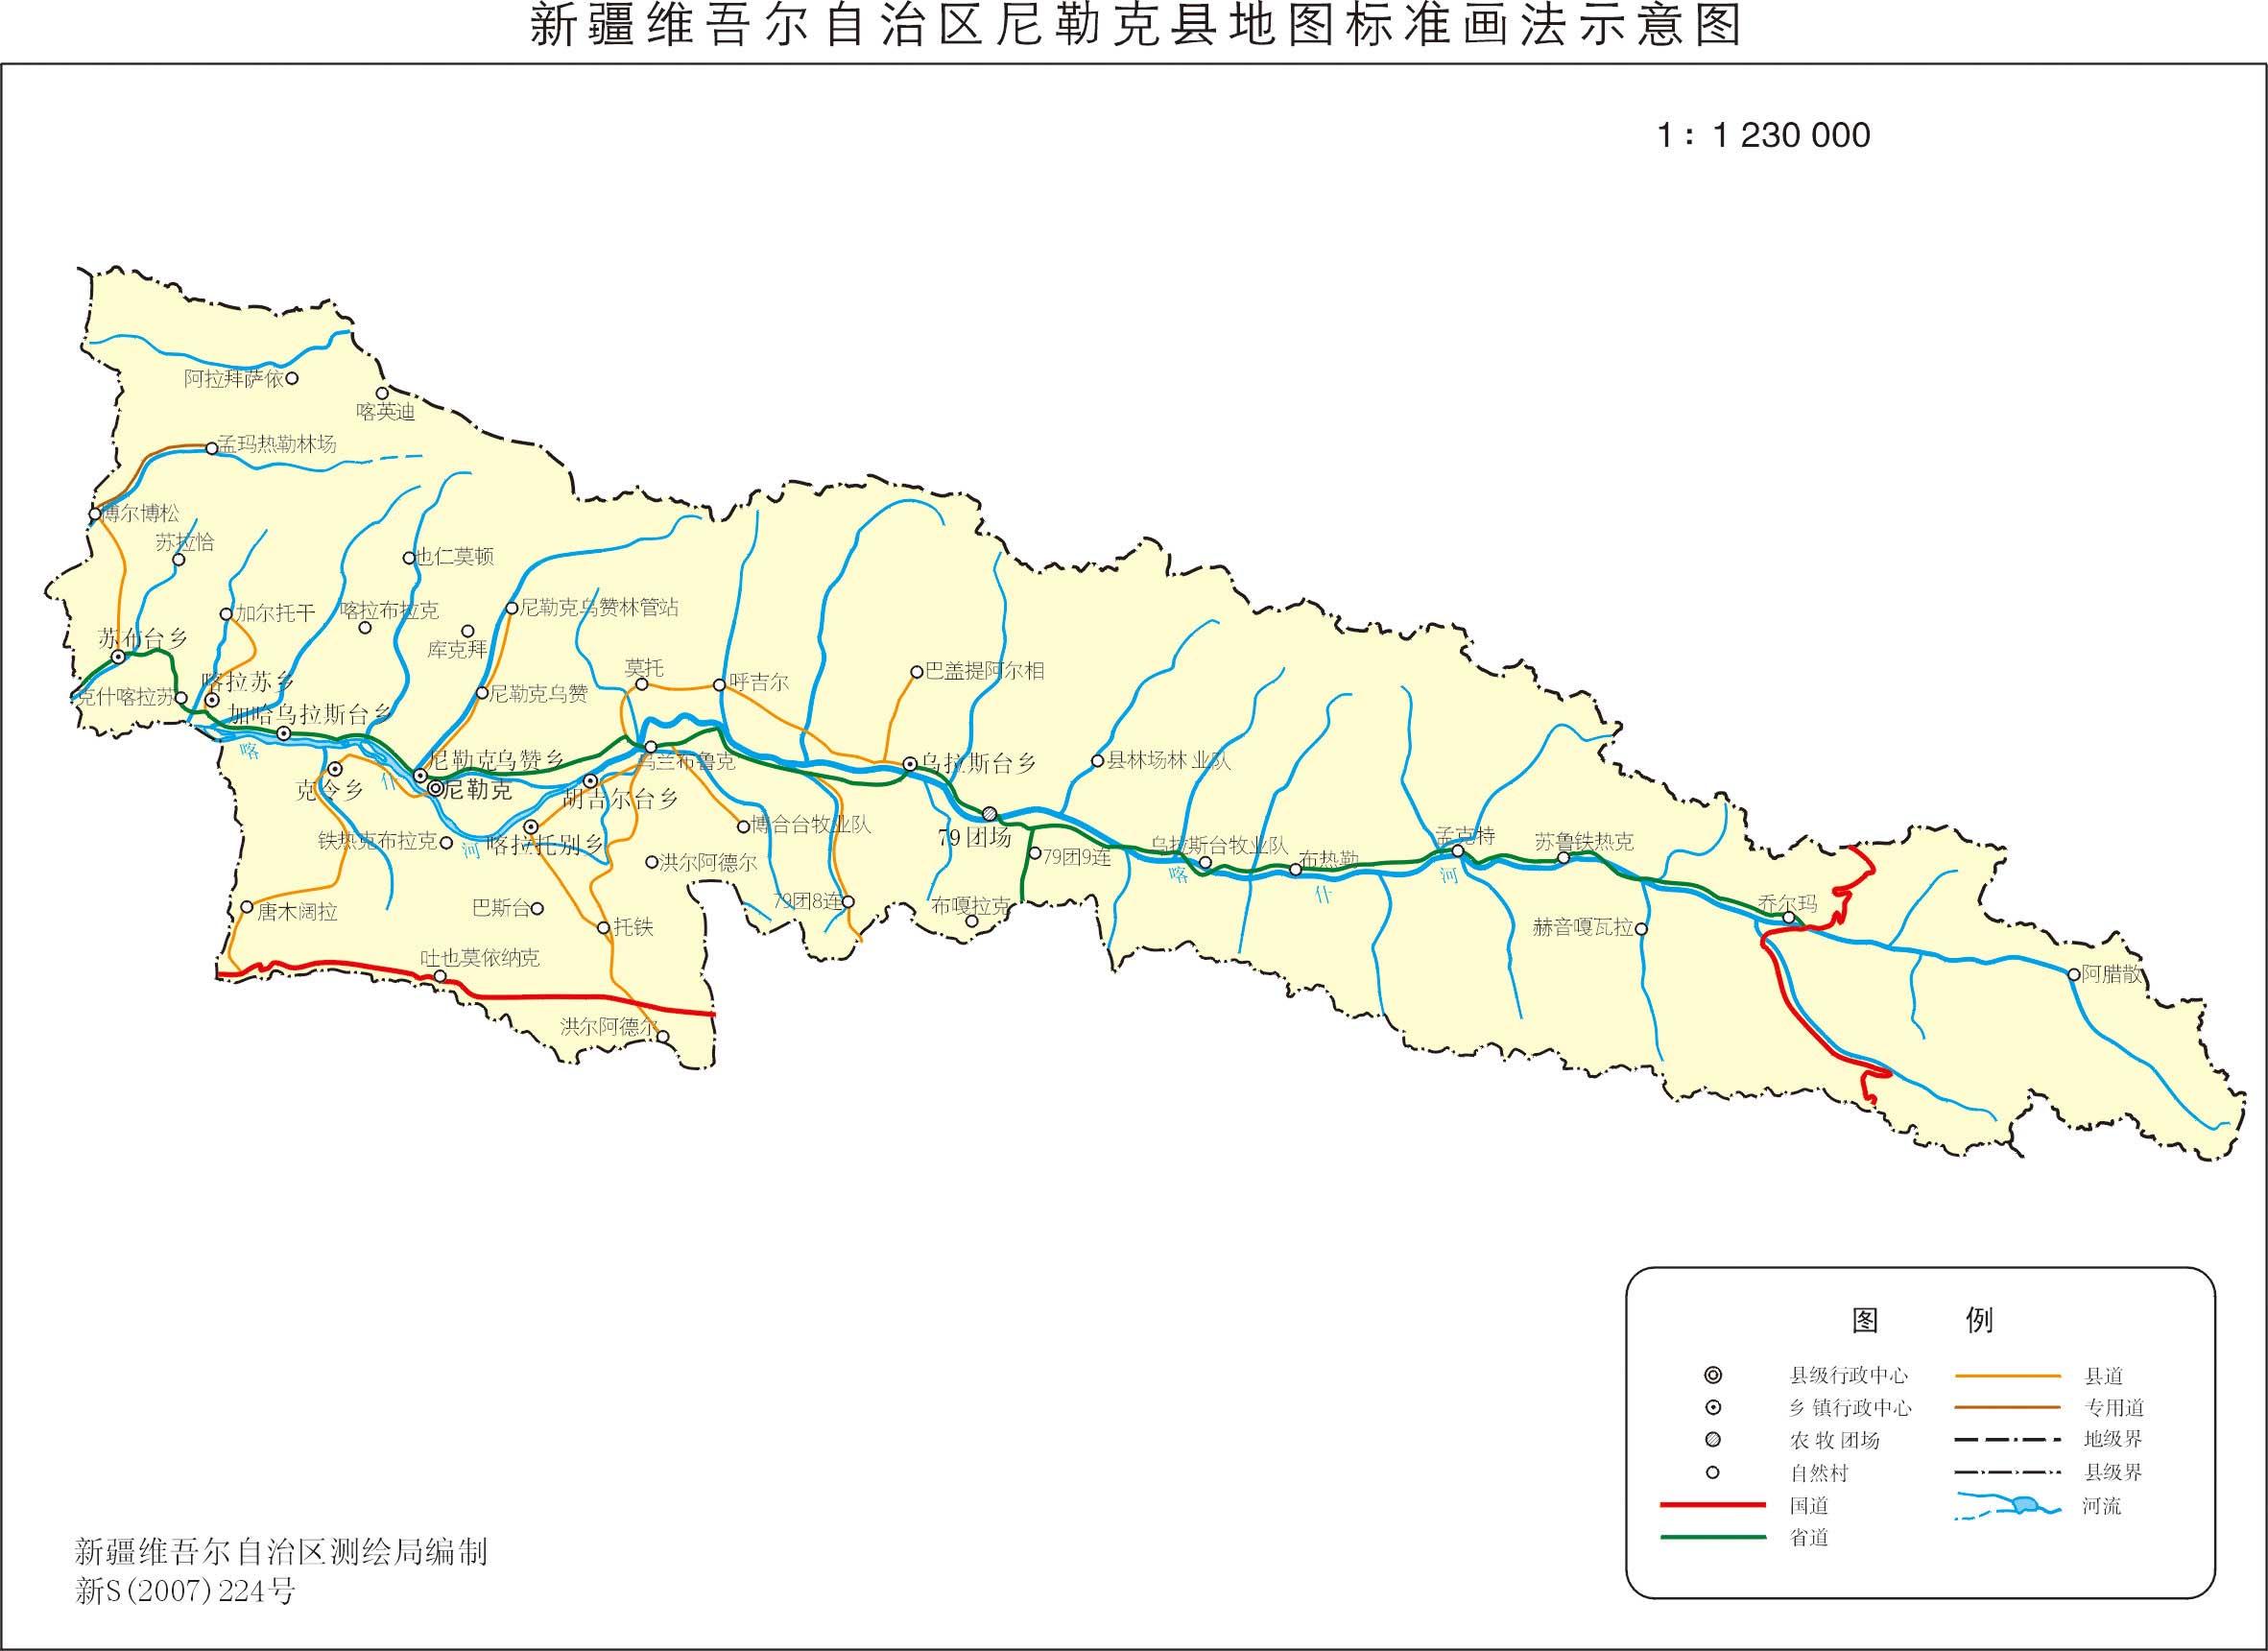 首页 旅游服务 新疆地图 新疆旅游地图